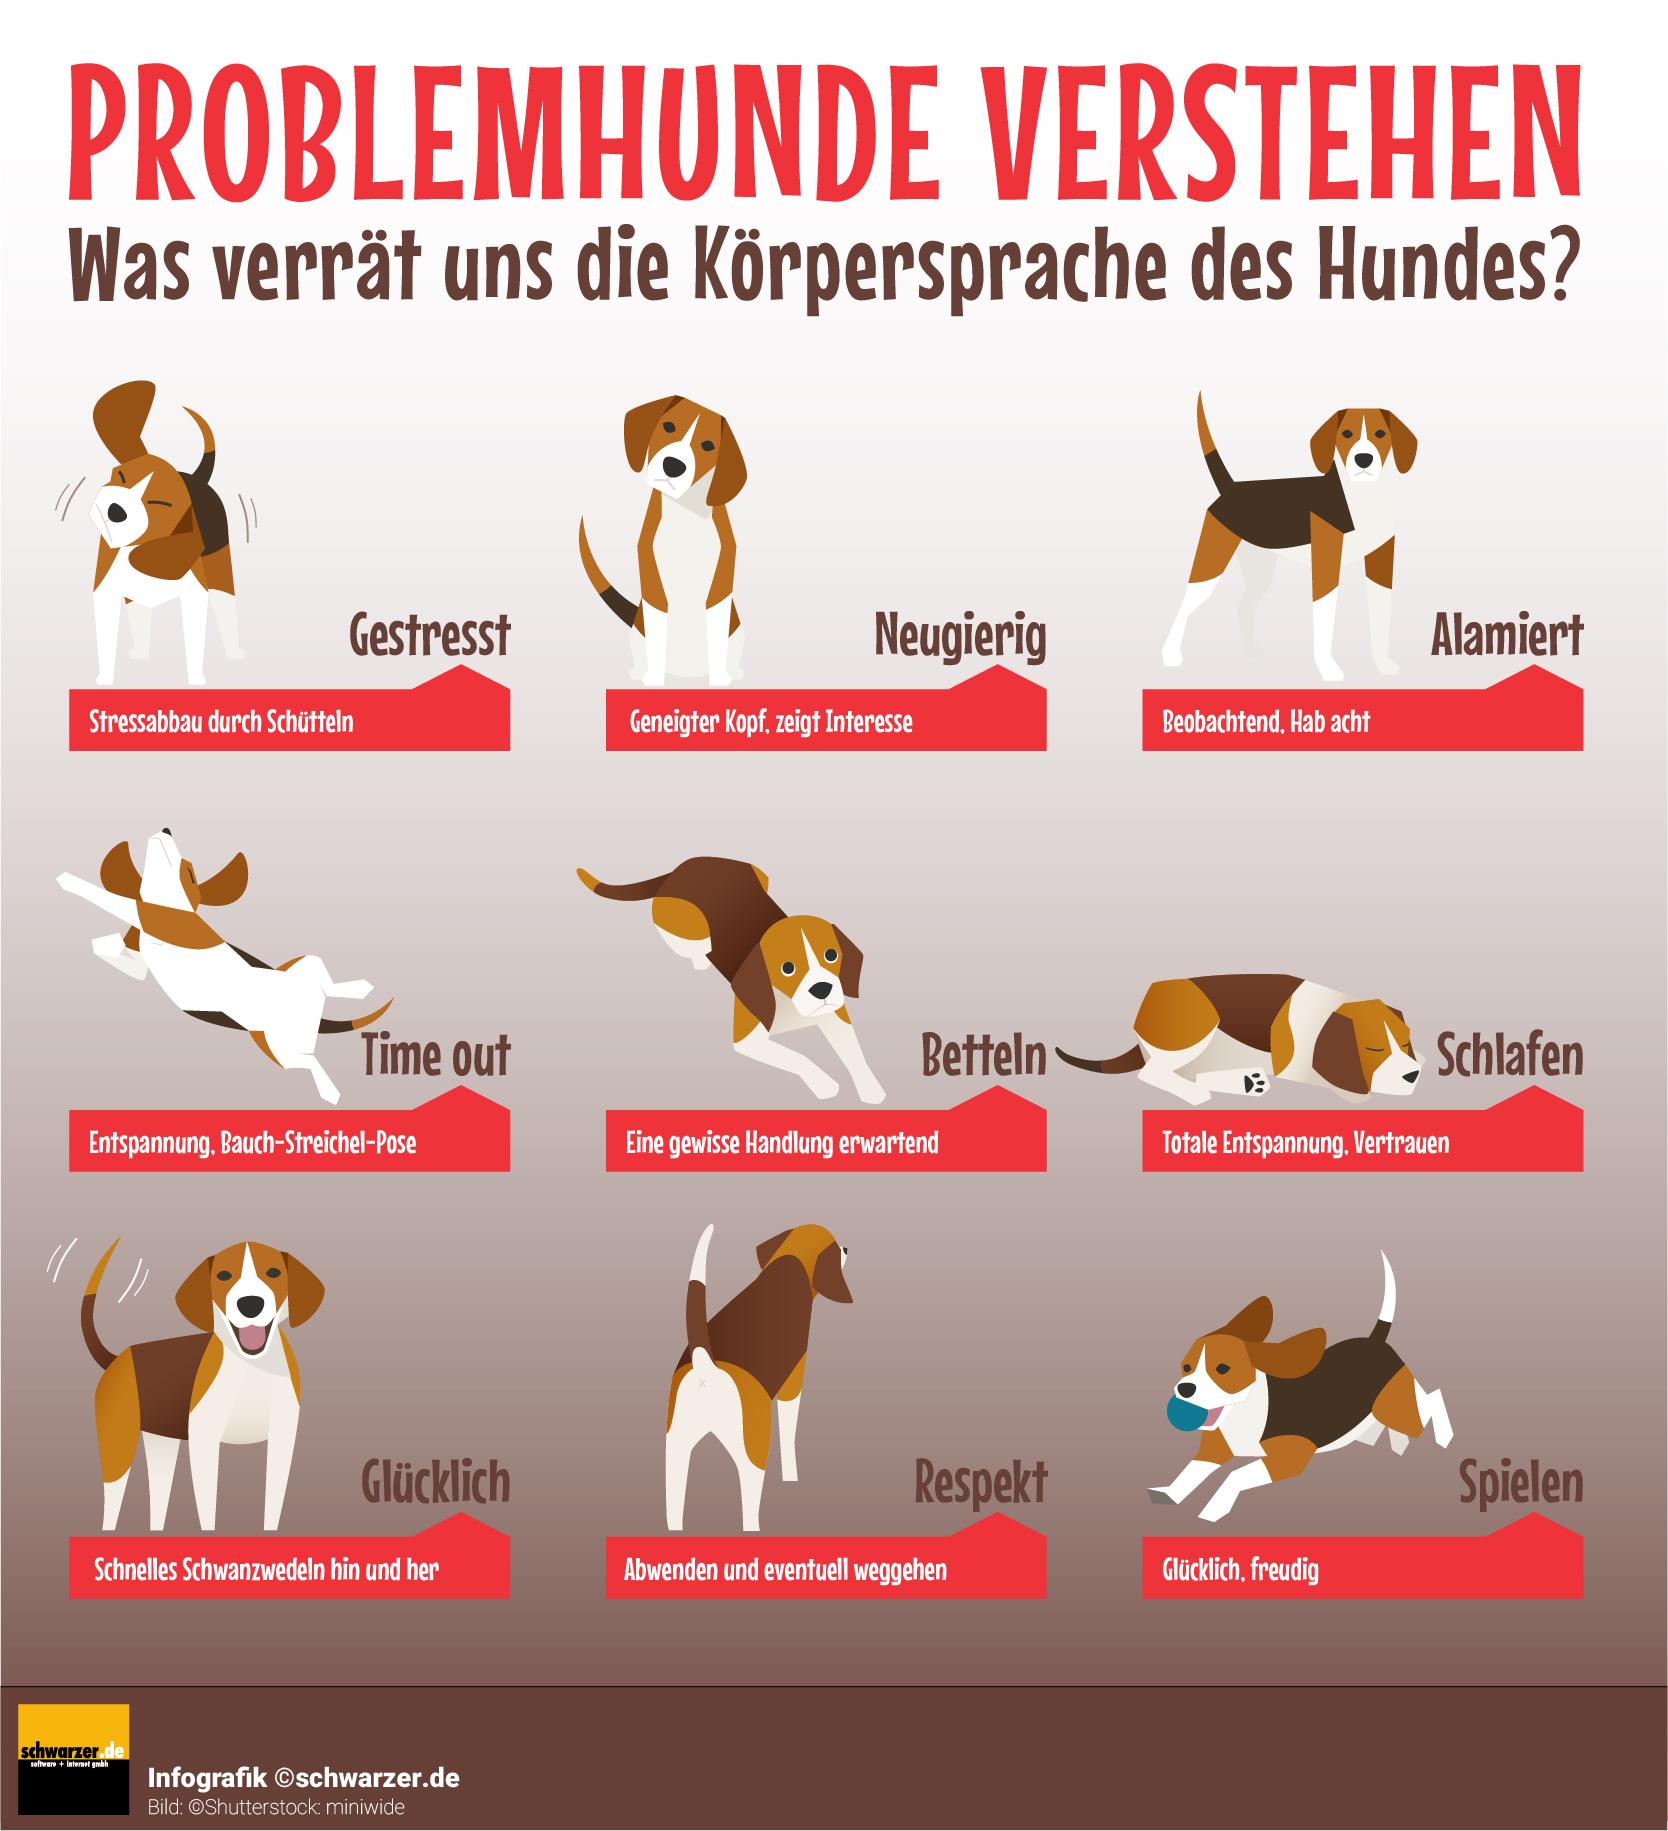 Infografik: Körpersprache von Hunden verstehen